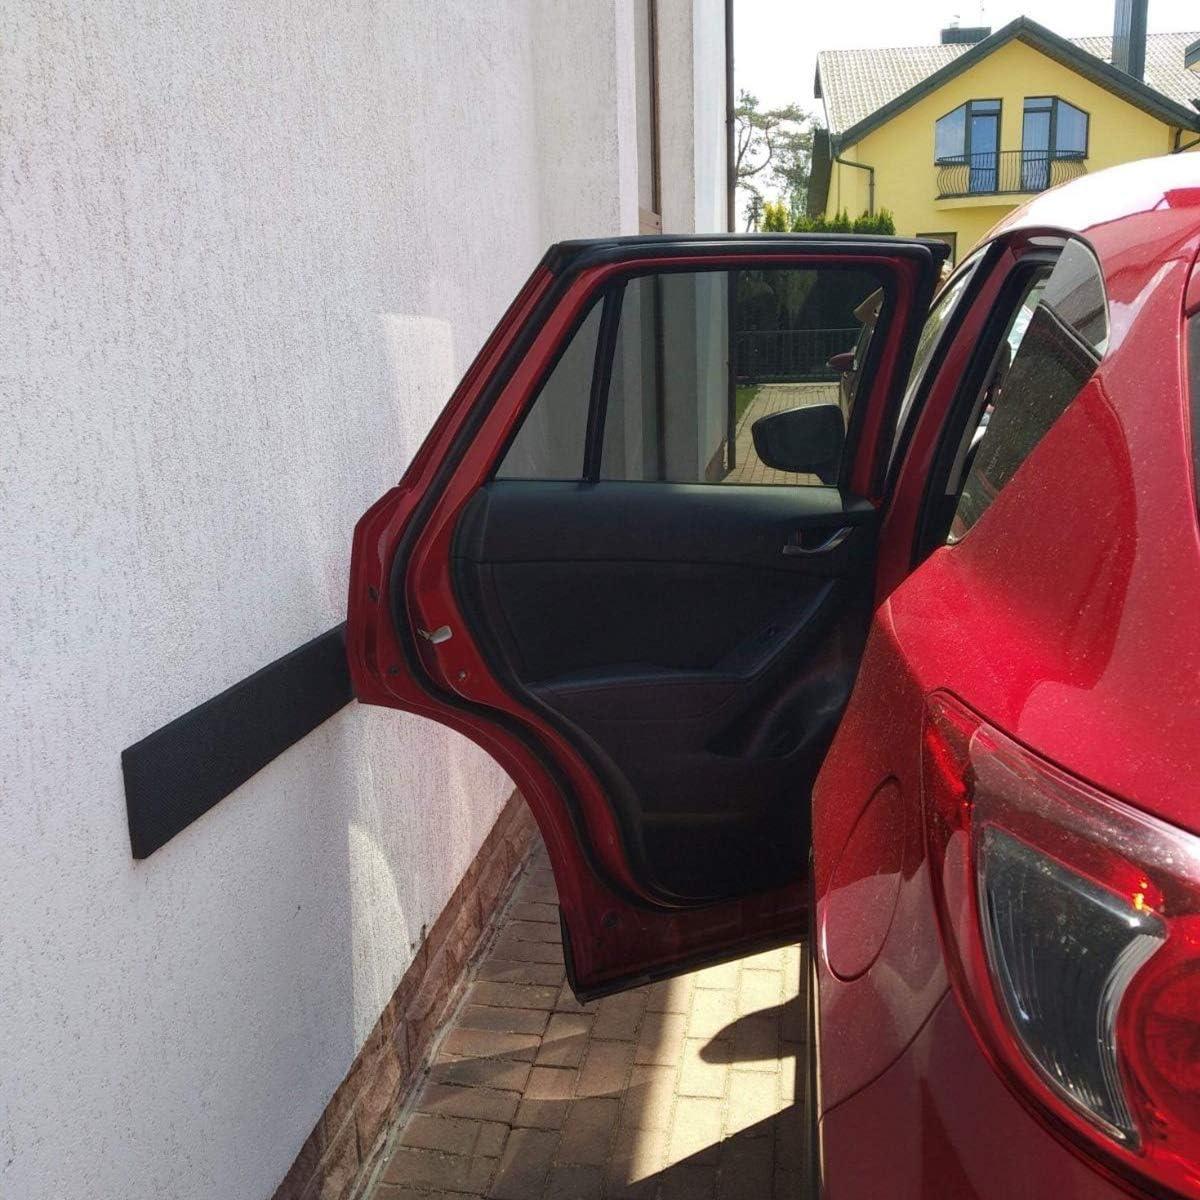 TOSHIN Garagen Wandschutz selbstklebend 40 x 12 x 1,5 cm T/ürkantenschutz T/ürkantenschoner f/ür Auto und Garagenwand 5er Set Streifen